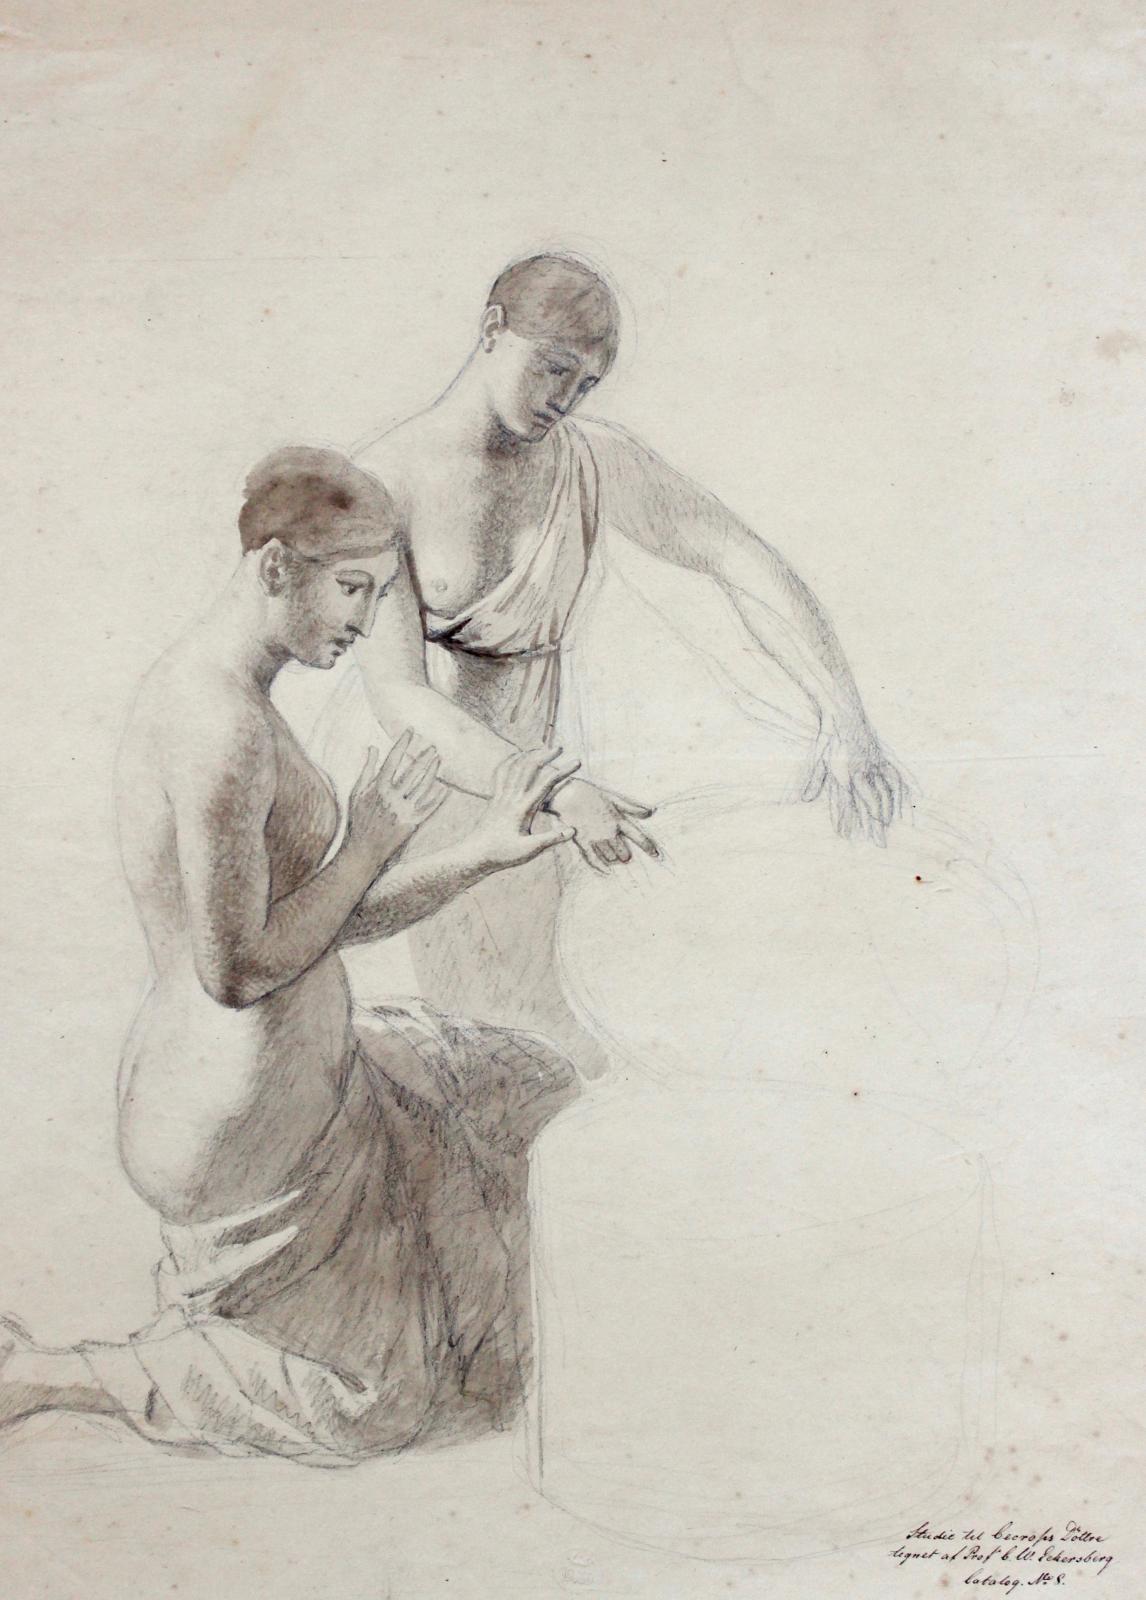 Christoffer Wilhelm Eckersberg (1783-1853), Étude de femmes, pierre noire et lavis brun, 55x40,5cm (détail). Galerie de Bayser